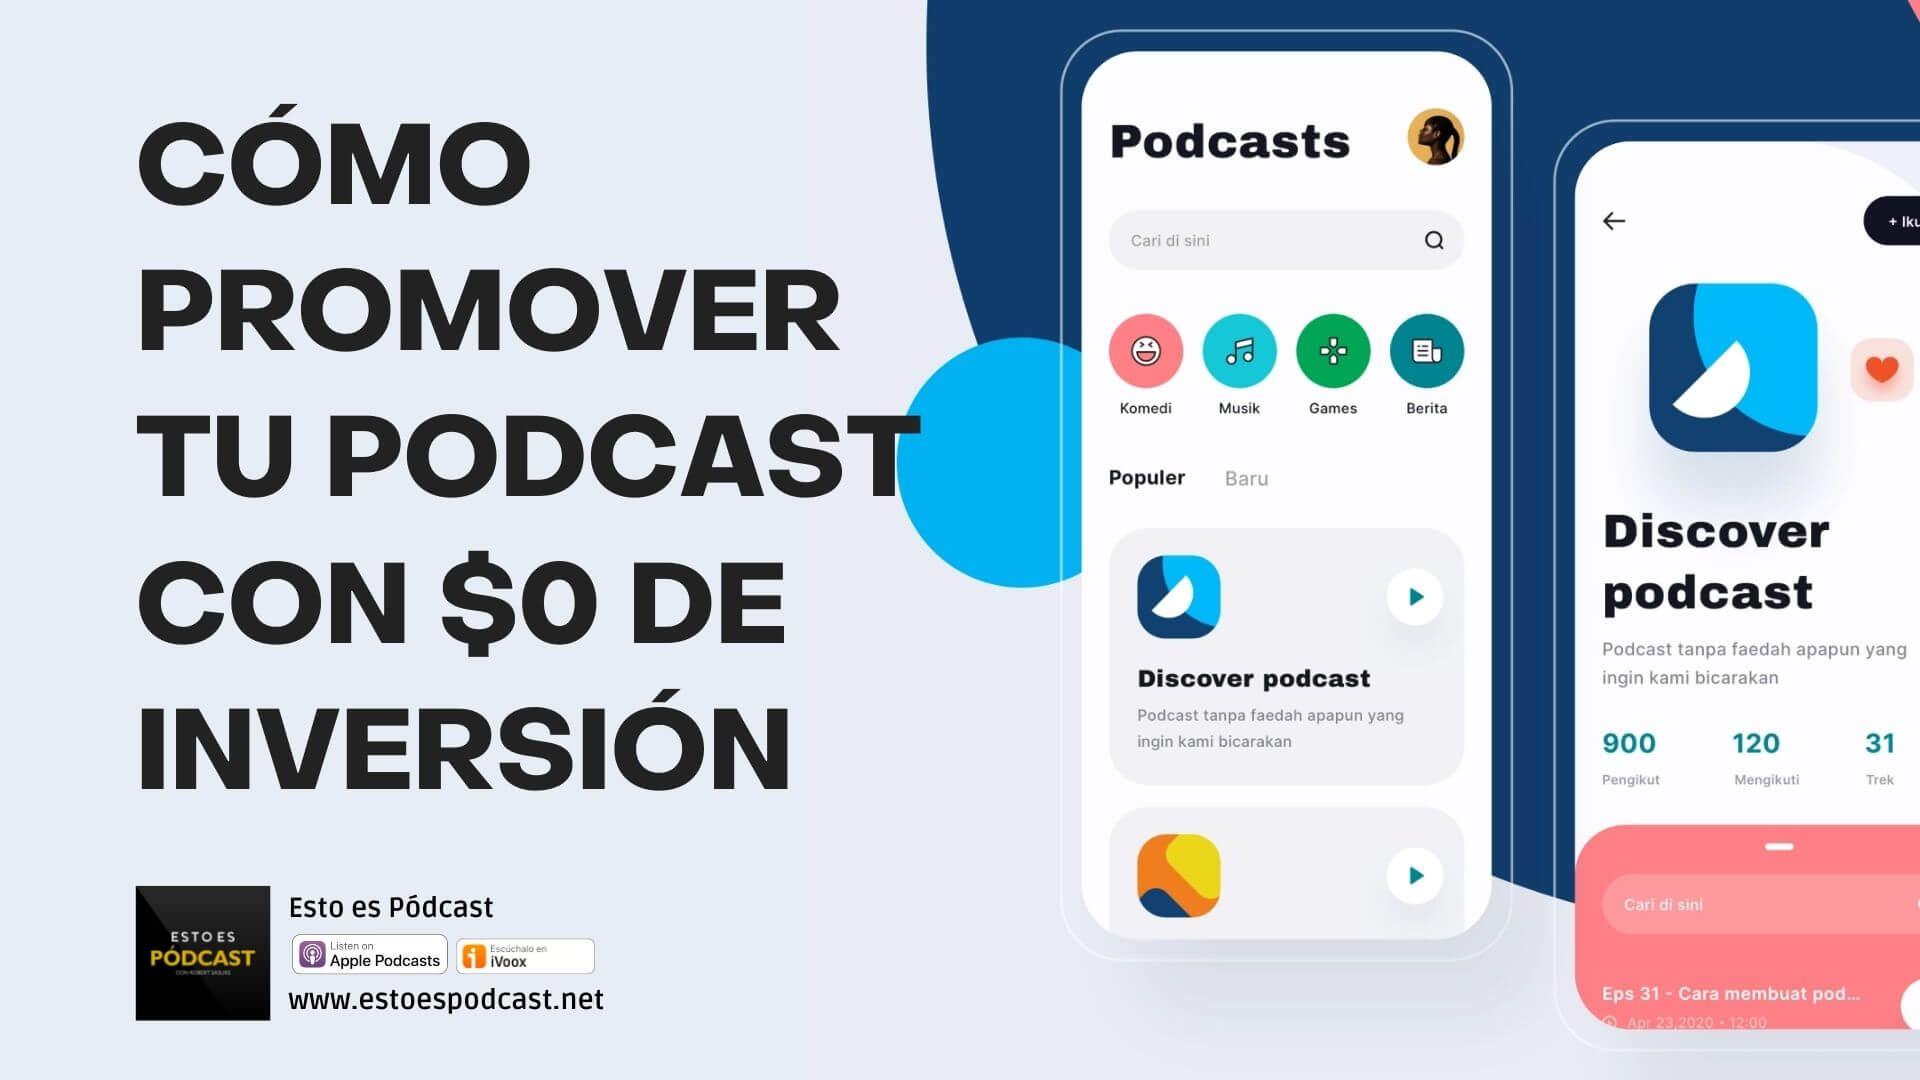 155. Cómo Publicitar tu Podcast con $0 de inversión